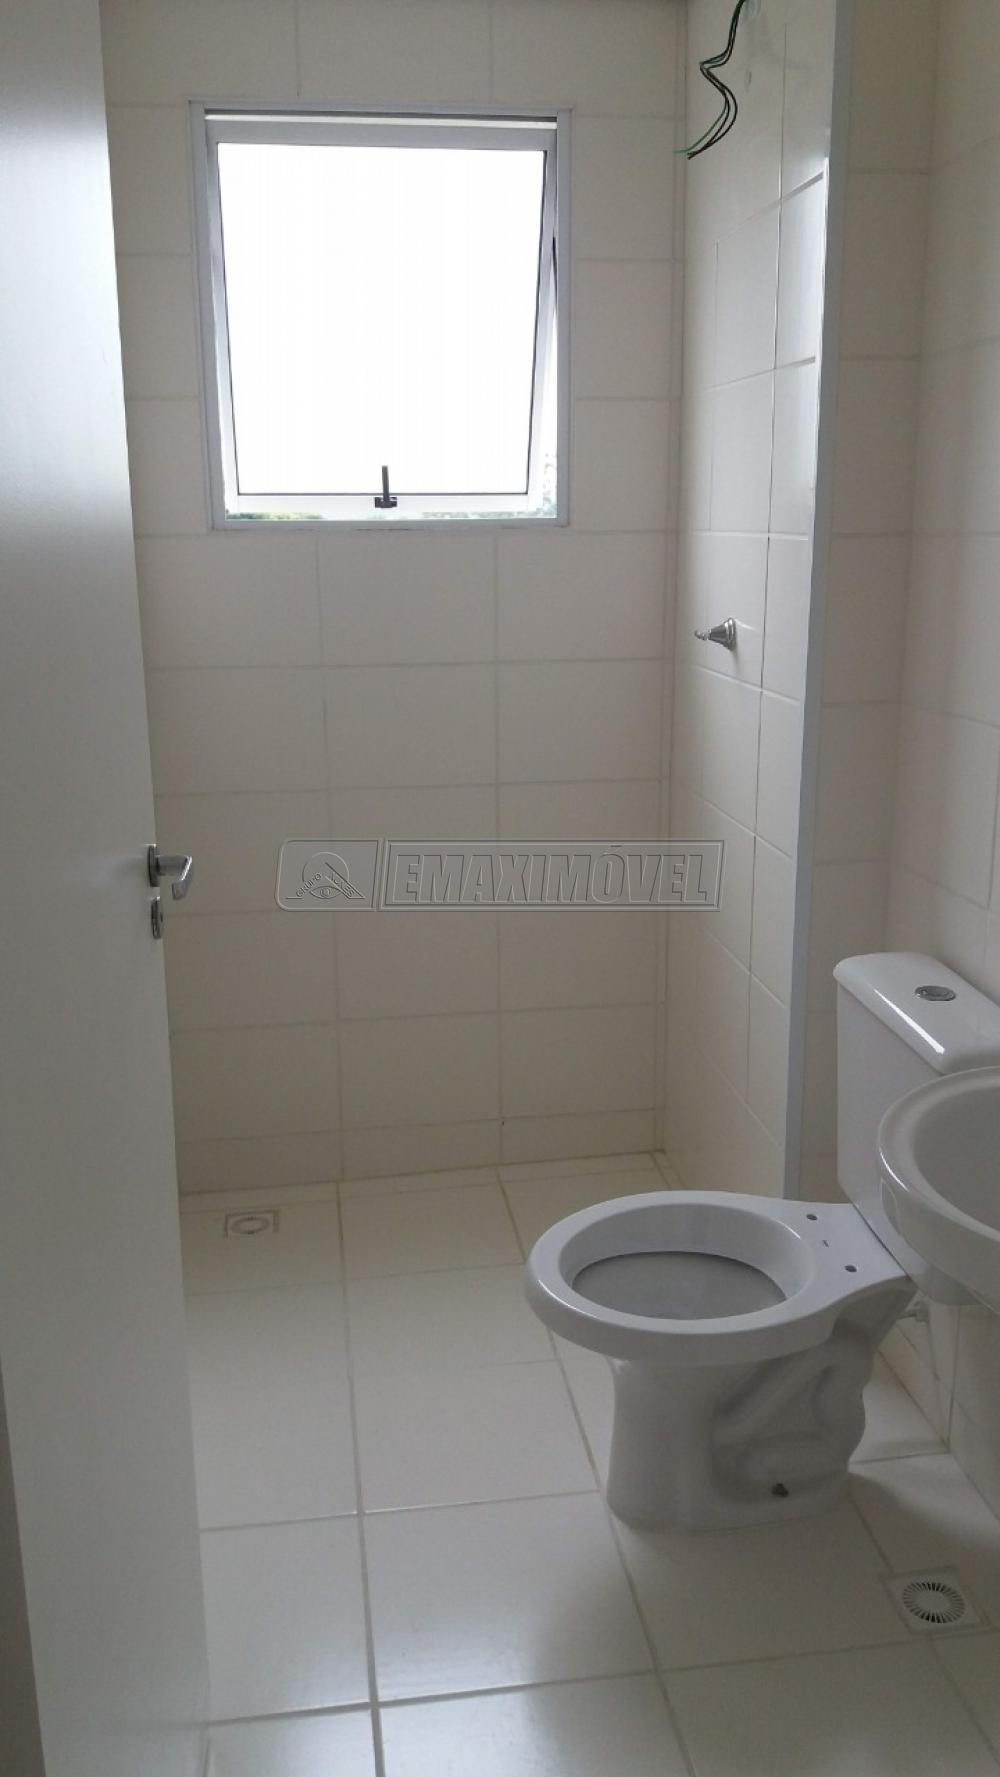 Alugar Apartamento / Padrão em Sorocaba R$ 600,00 - Foto 7